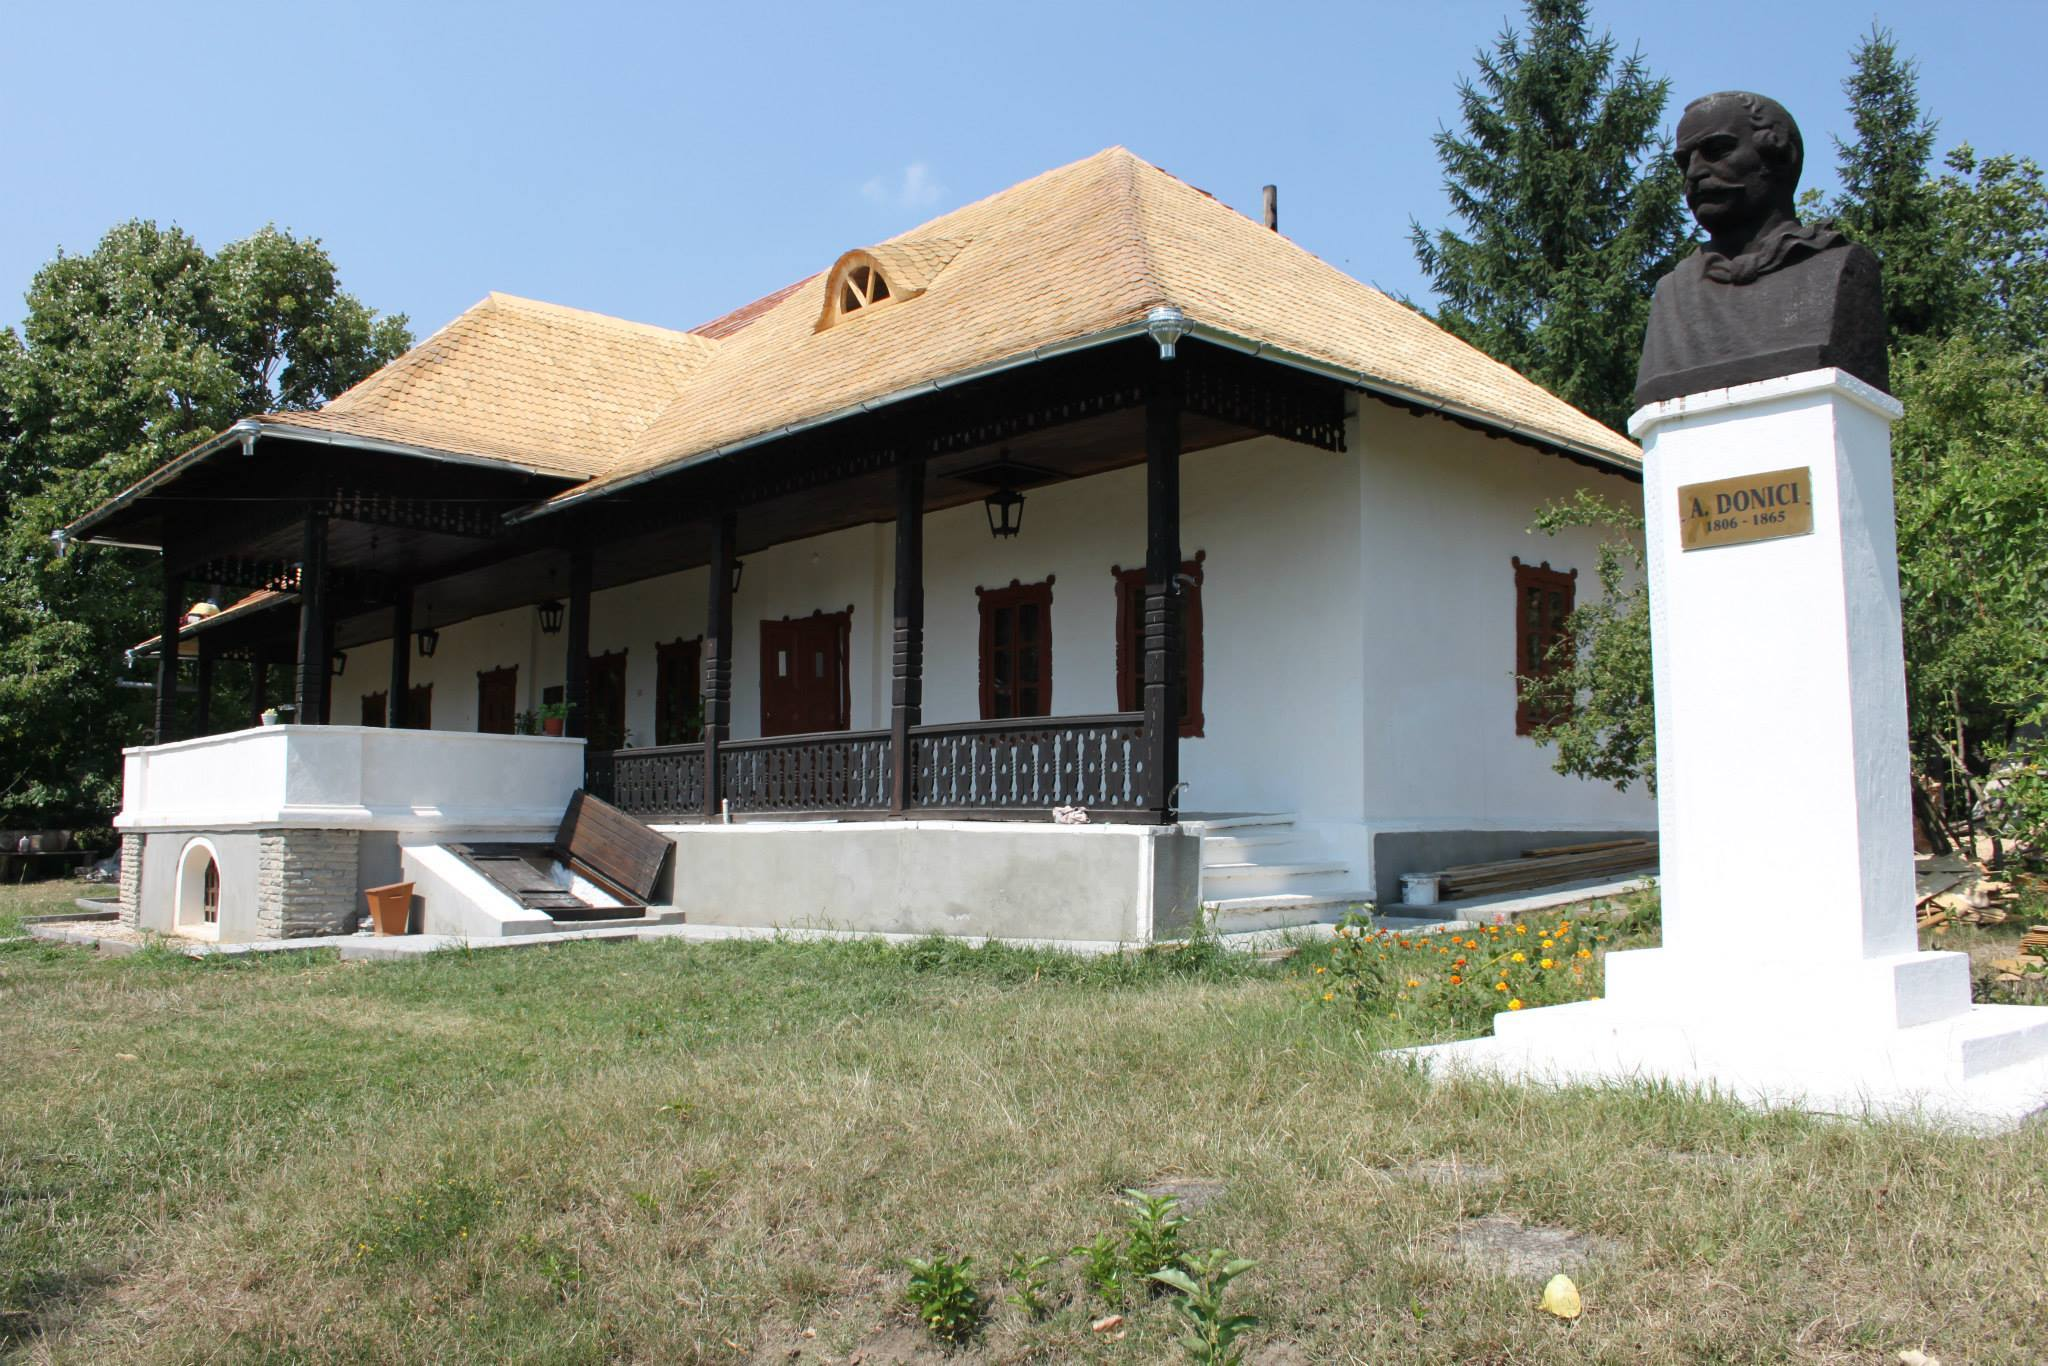 Casa-muzeu Alexandru Donici de la Donici, Orhei